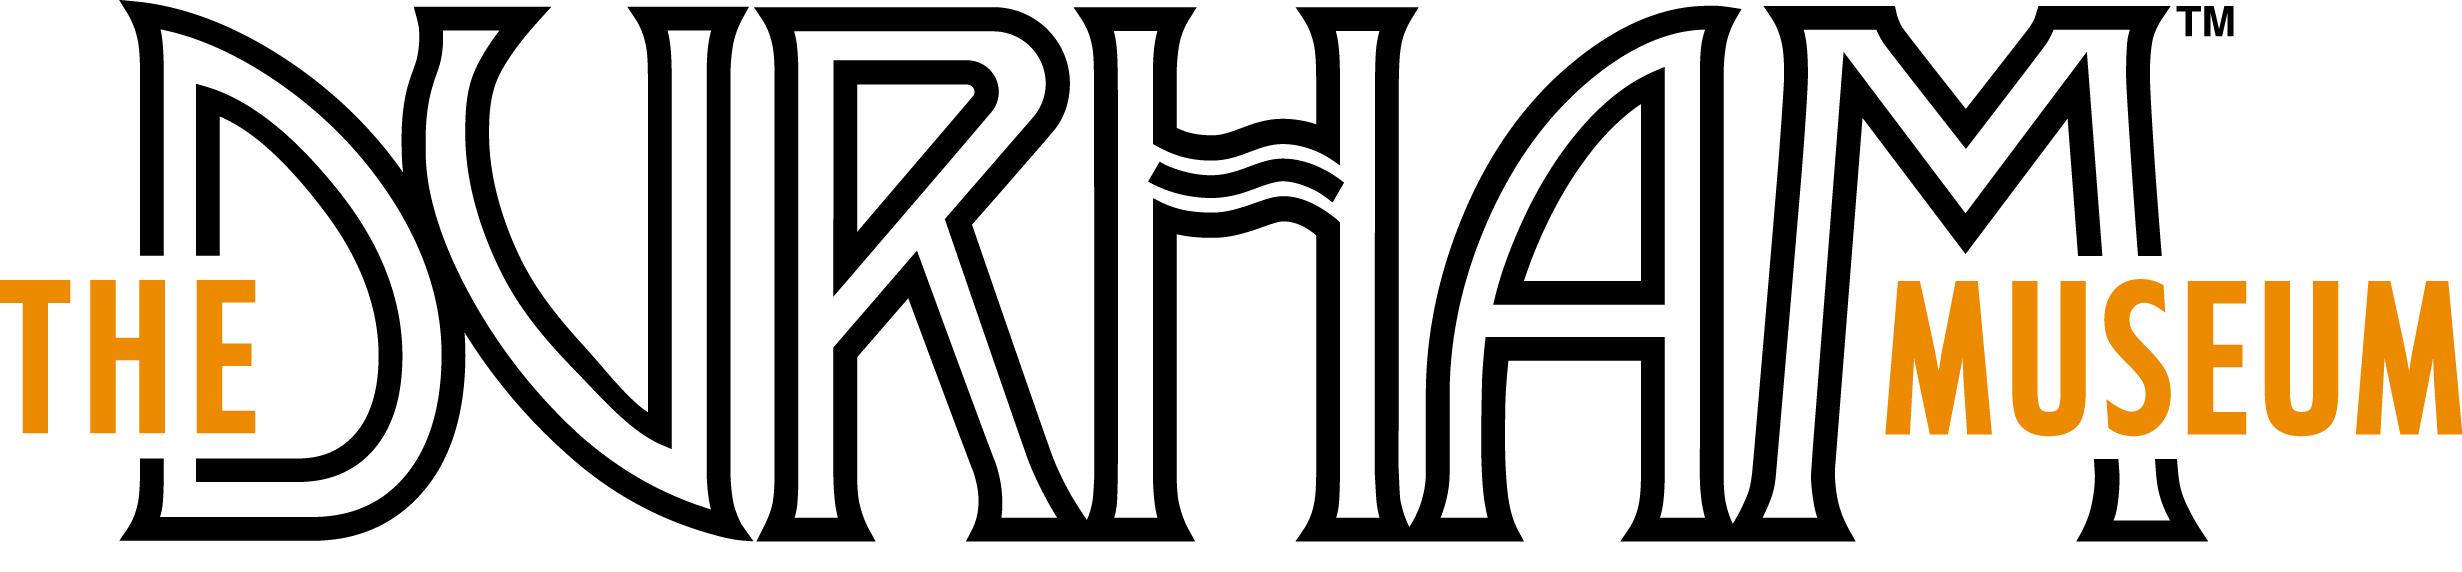 Durham Museum Logo